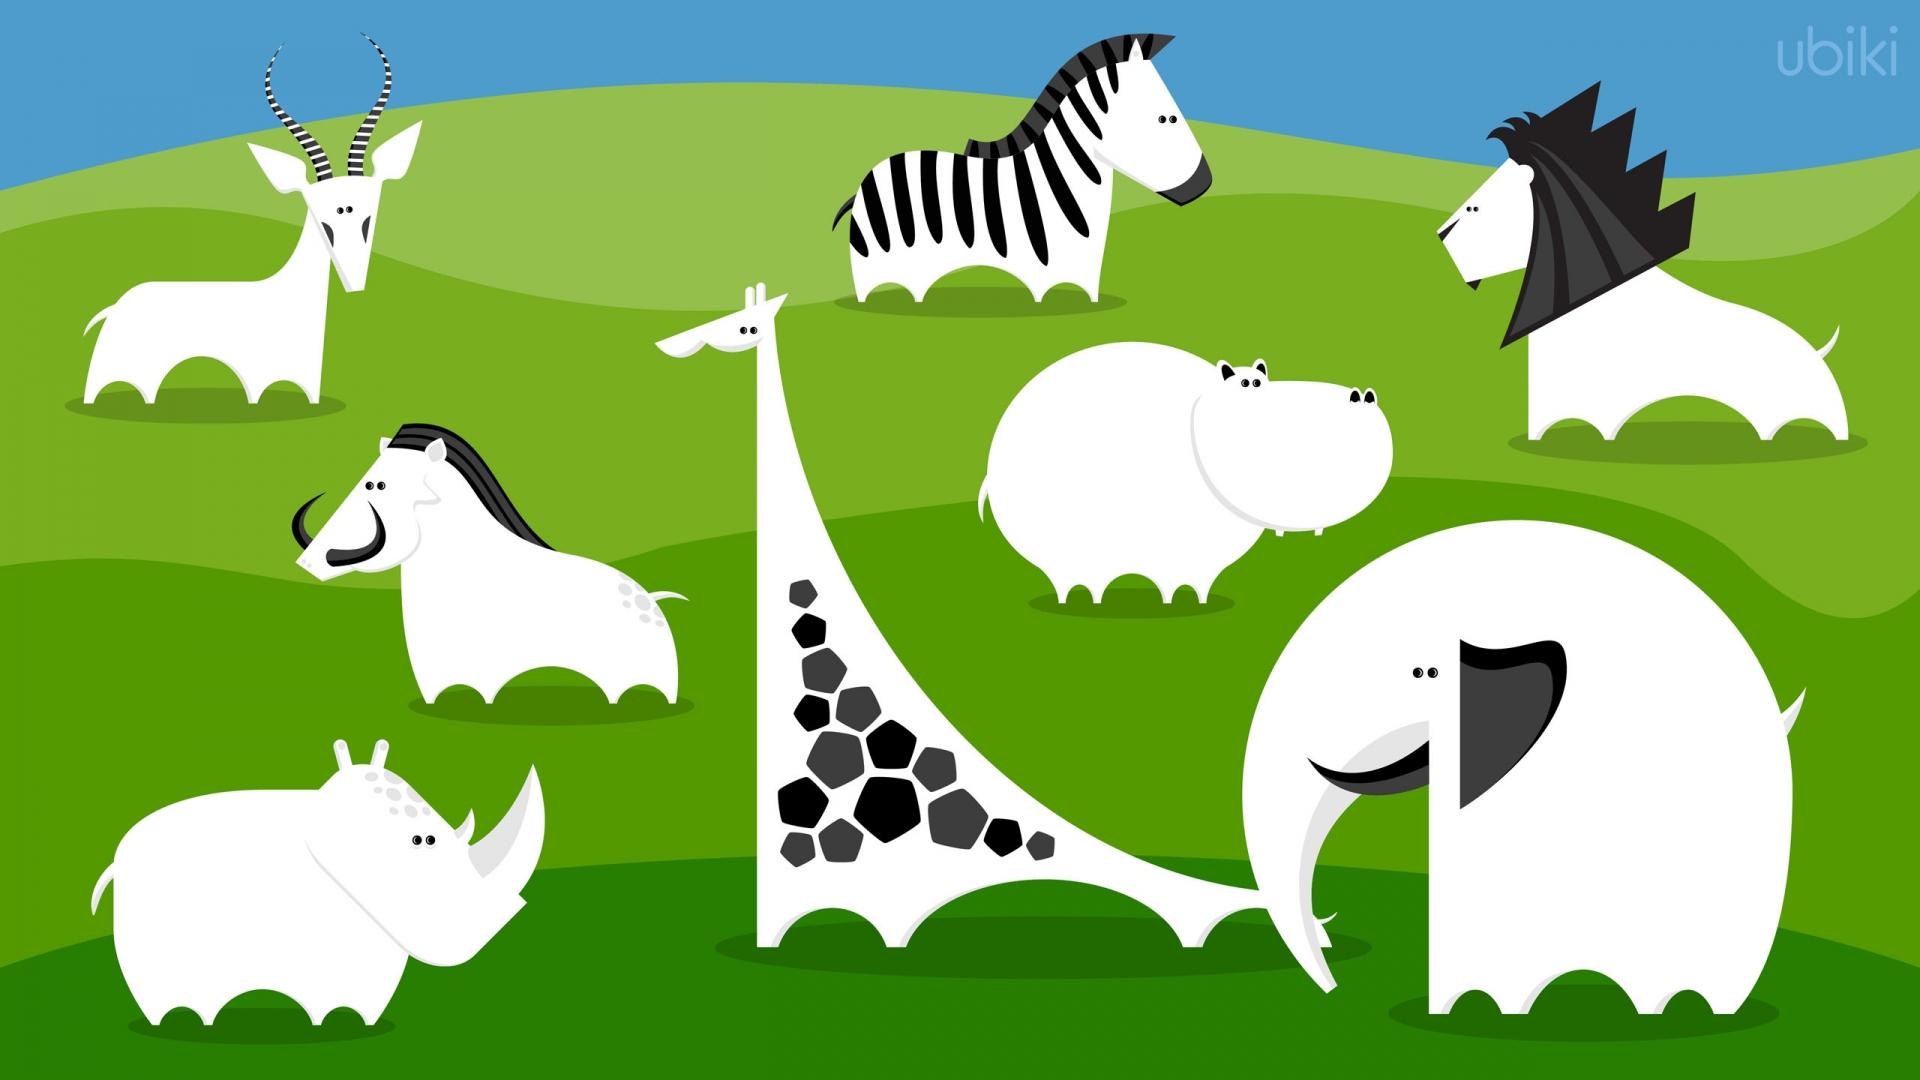 Fondos De Pantalla De Animales Graciosos: Fondo De Pantalla Animales Graciosos 1920x1080